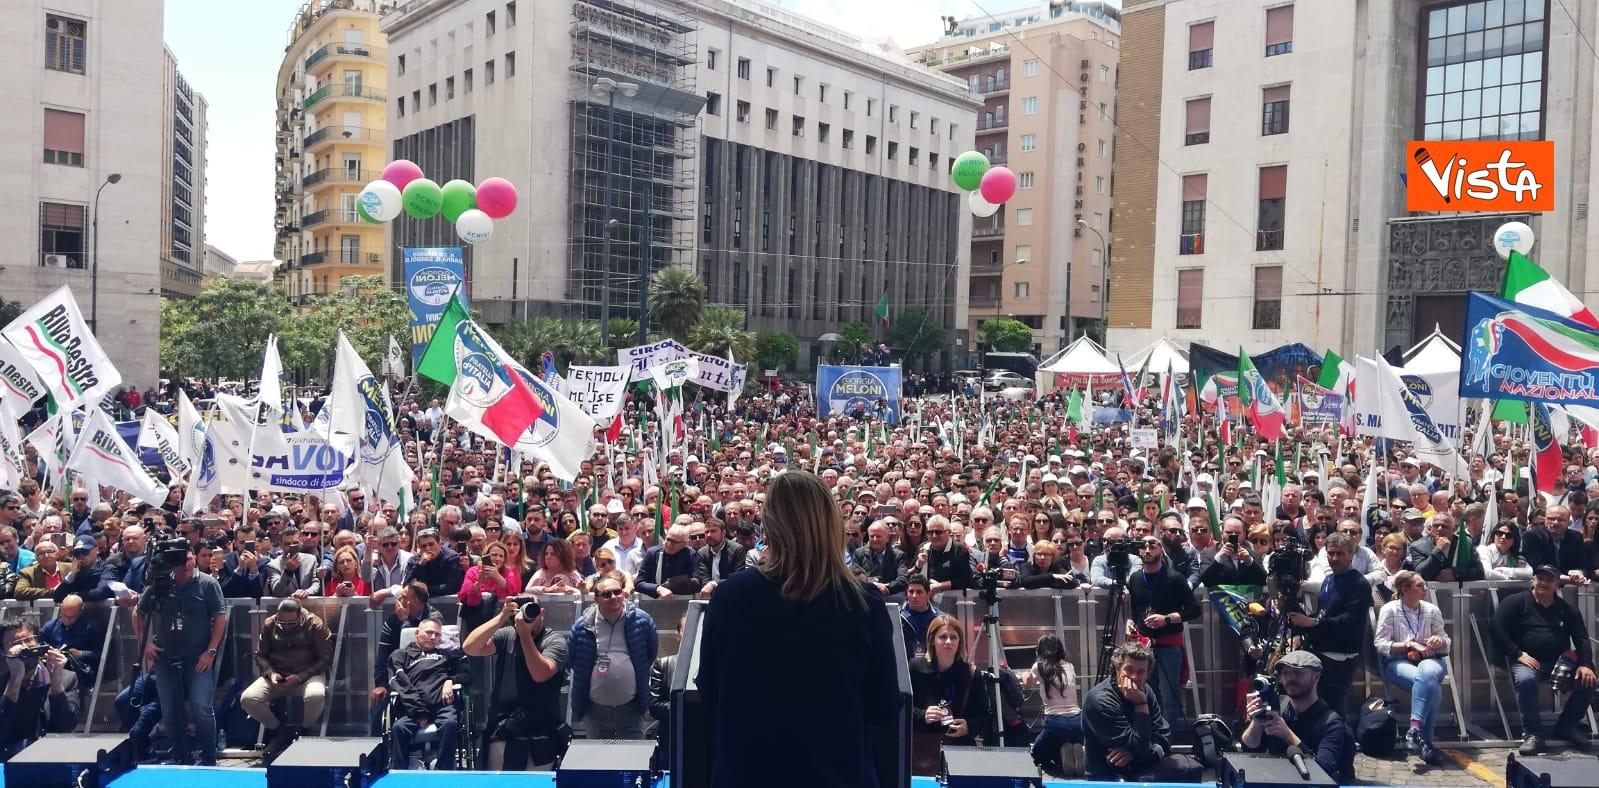 19-05-19 Europee Meloni chiude campagna elettorale a Napoli il comizio in piazza Matteotti_03